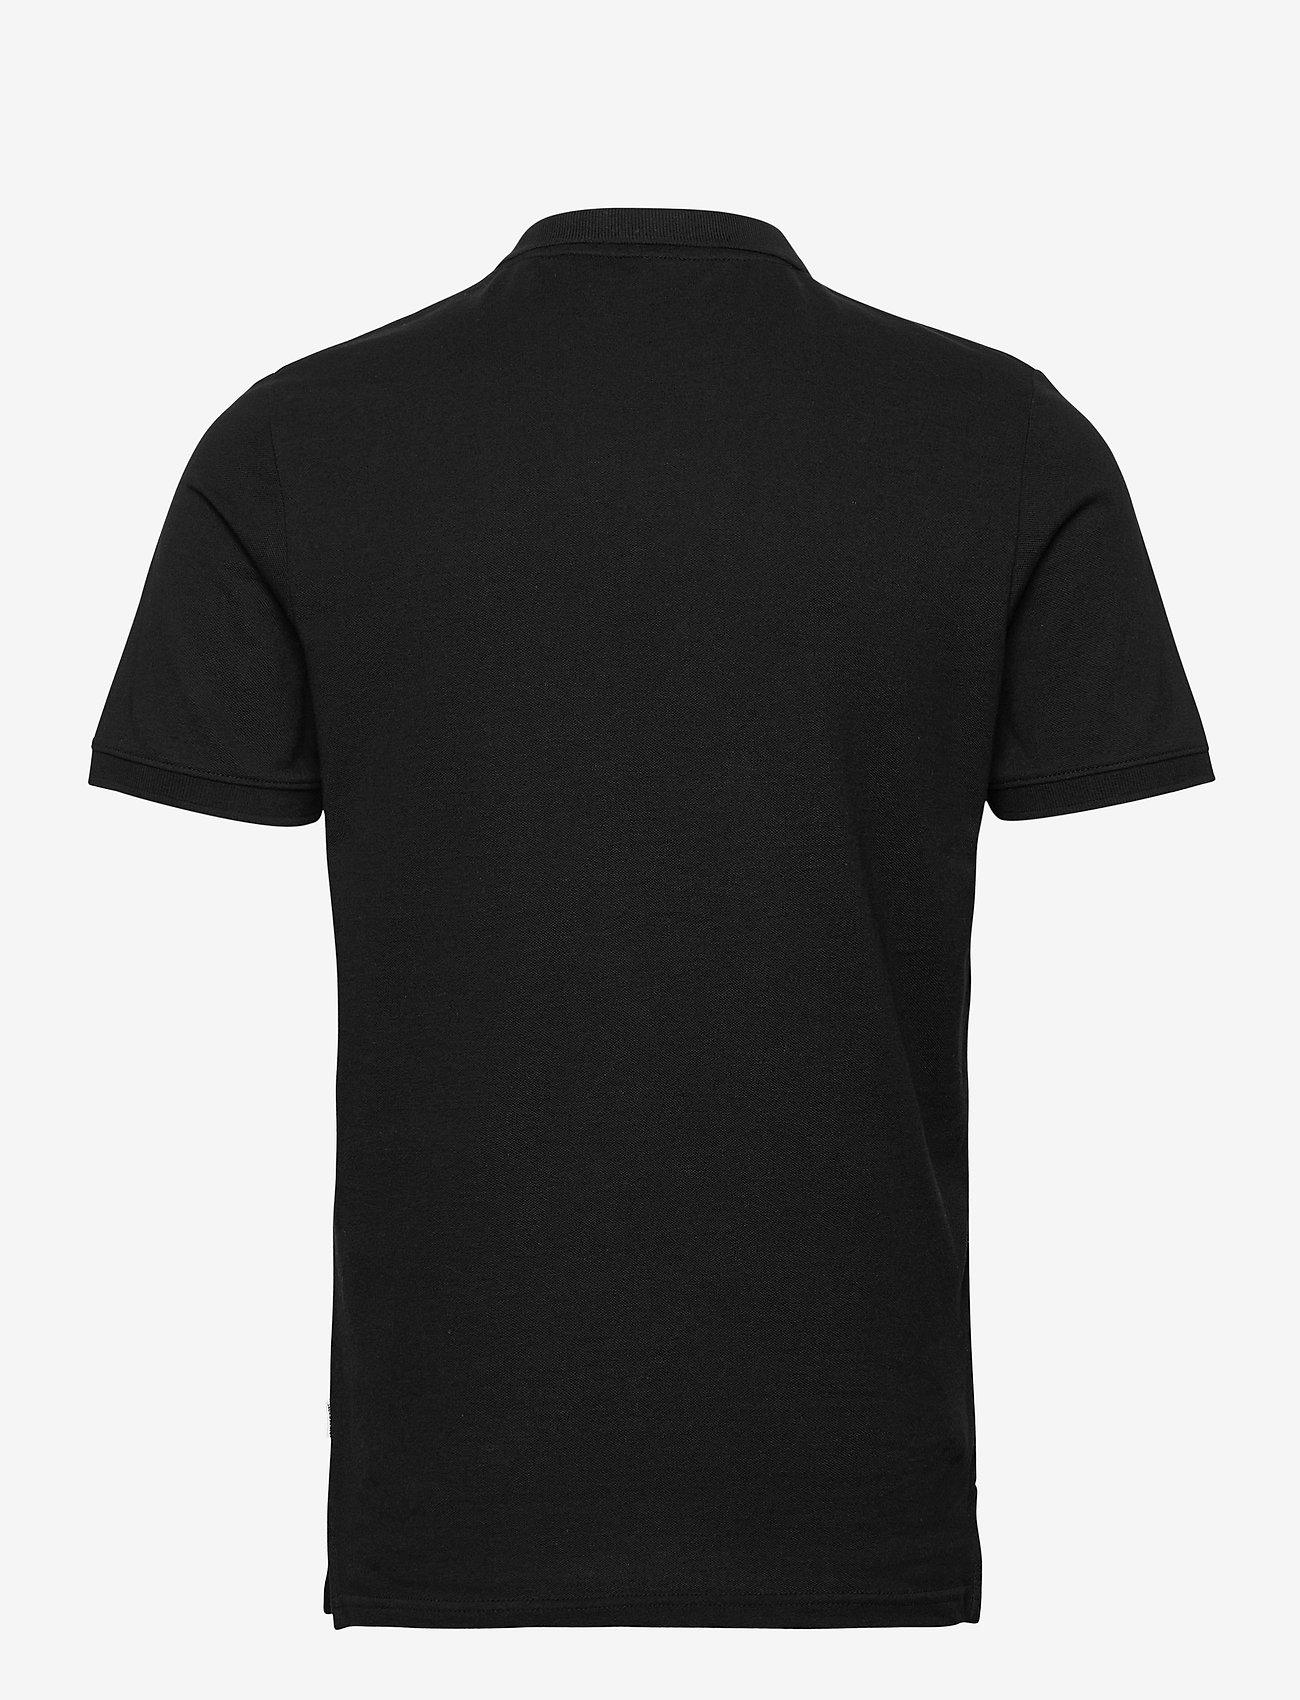 Jack & Jones - JJEBASIC POLO SS - short-sleeved polos - black - 1